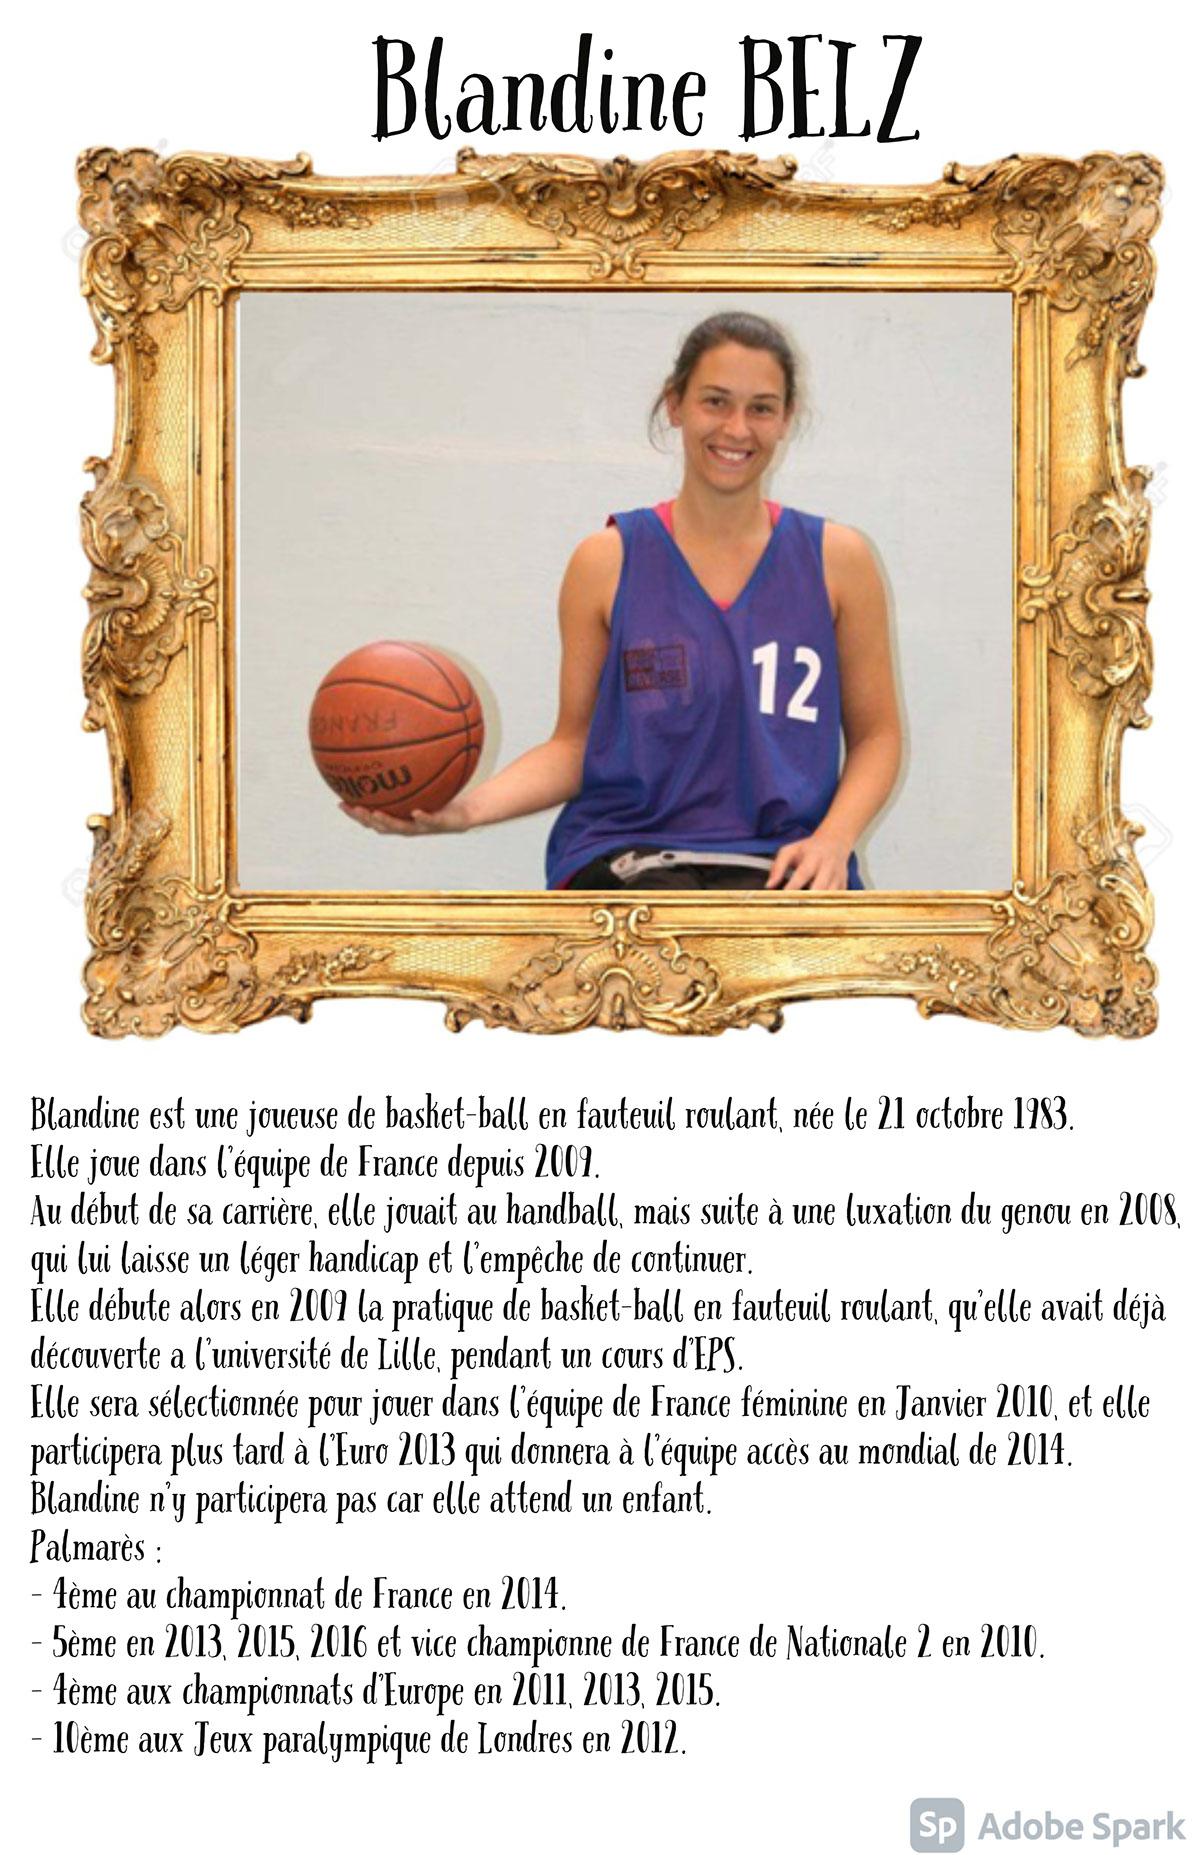 Blandine BELZ Blandine BELZ Blandine est une joueuse de basket-ball en fauteuil roulant, née le 21 octobre 1983. Elle joue dans l'équipe de France depuis 2009. Au début de sa carrière, elle jouait au handball, mais suite à une luxation du genou en 2008, qui lui laisse un léger handicap et l'empêche de continuer. Elle débute alors en 2009 la pratique de basket-ball en fauteuil roulant, qu'elle avait déjà découverte a l'université de Lille, pendant un cours d'EPS. Elle sera sélectionnée pour jouer dans l'équipe de France féminine en Janvier 2010, et elle participera plus tard à l'Euro 2013 qui donnera à l'équipe accès au mondial de 2014. Blandine n'y participera pas car elle attend un enfant. Palmarès : - 4ème au championnat de France en 2014. - 5ème en 2013, 2015, 2016et vice championne de France de Nationale 2 en 2010. - 4ème aux championnats d'Europe en 2011, 2013, 2015. - 10ème aux Jeux paralympique de Londres en 2012.